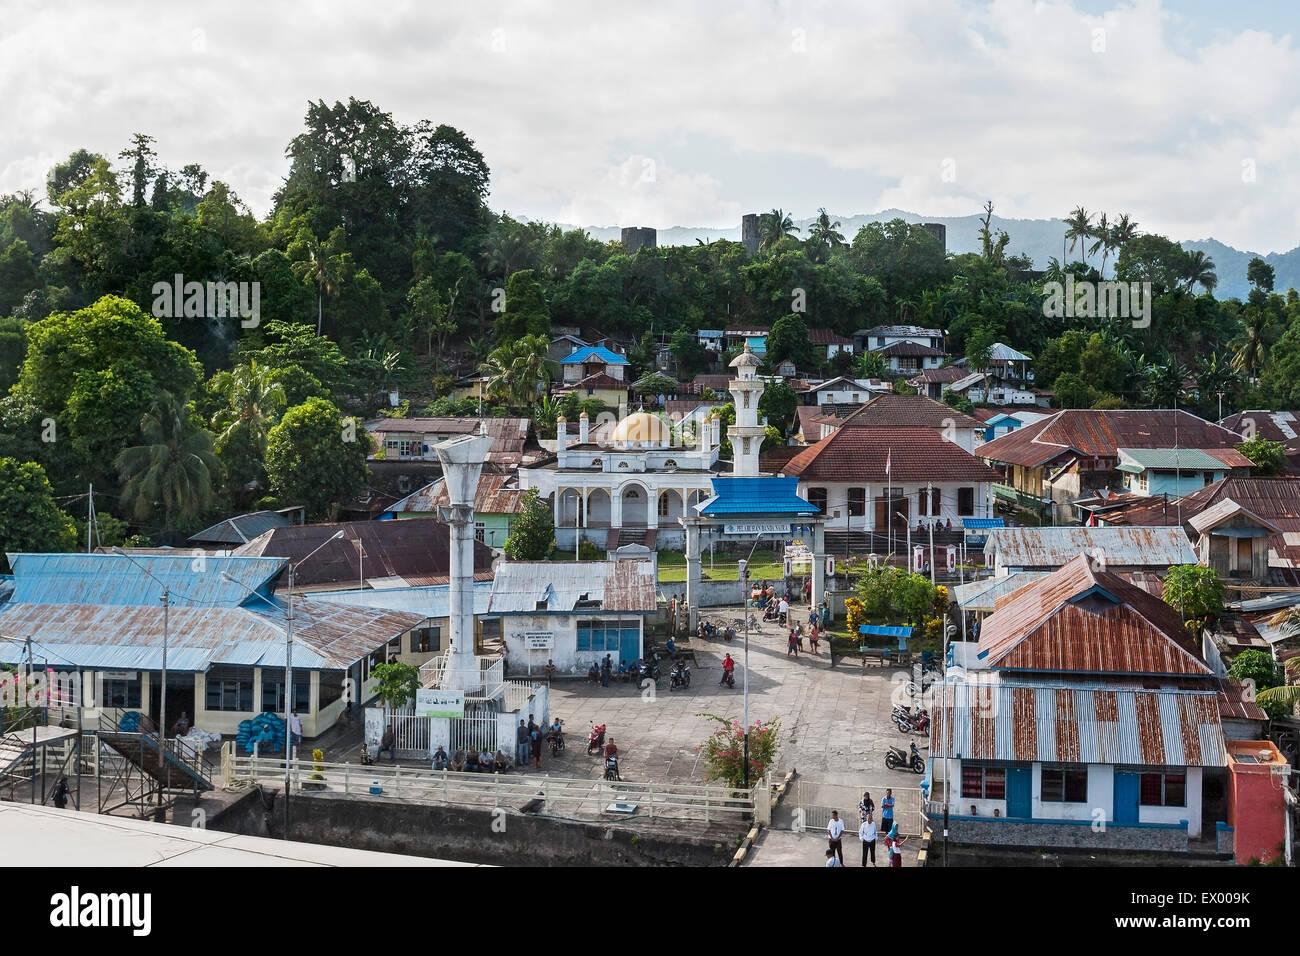 Bandaneira con moschea e Fort Belgica, Banda, Molucche, Indonesia Immagini Stock